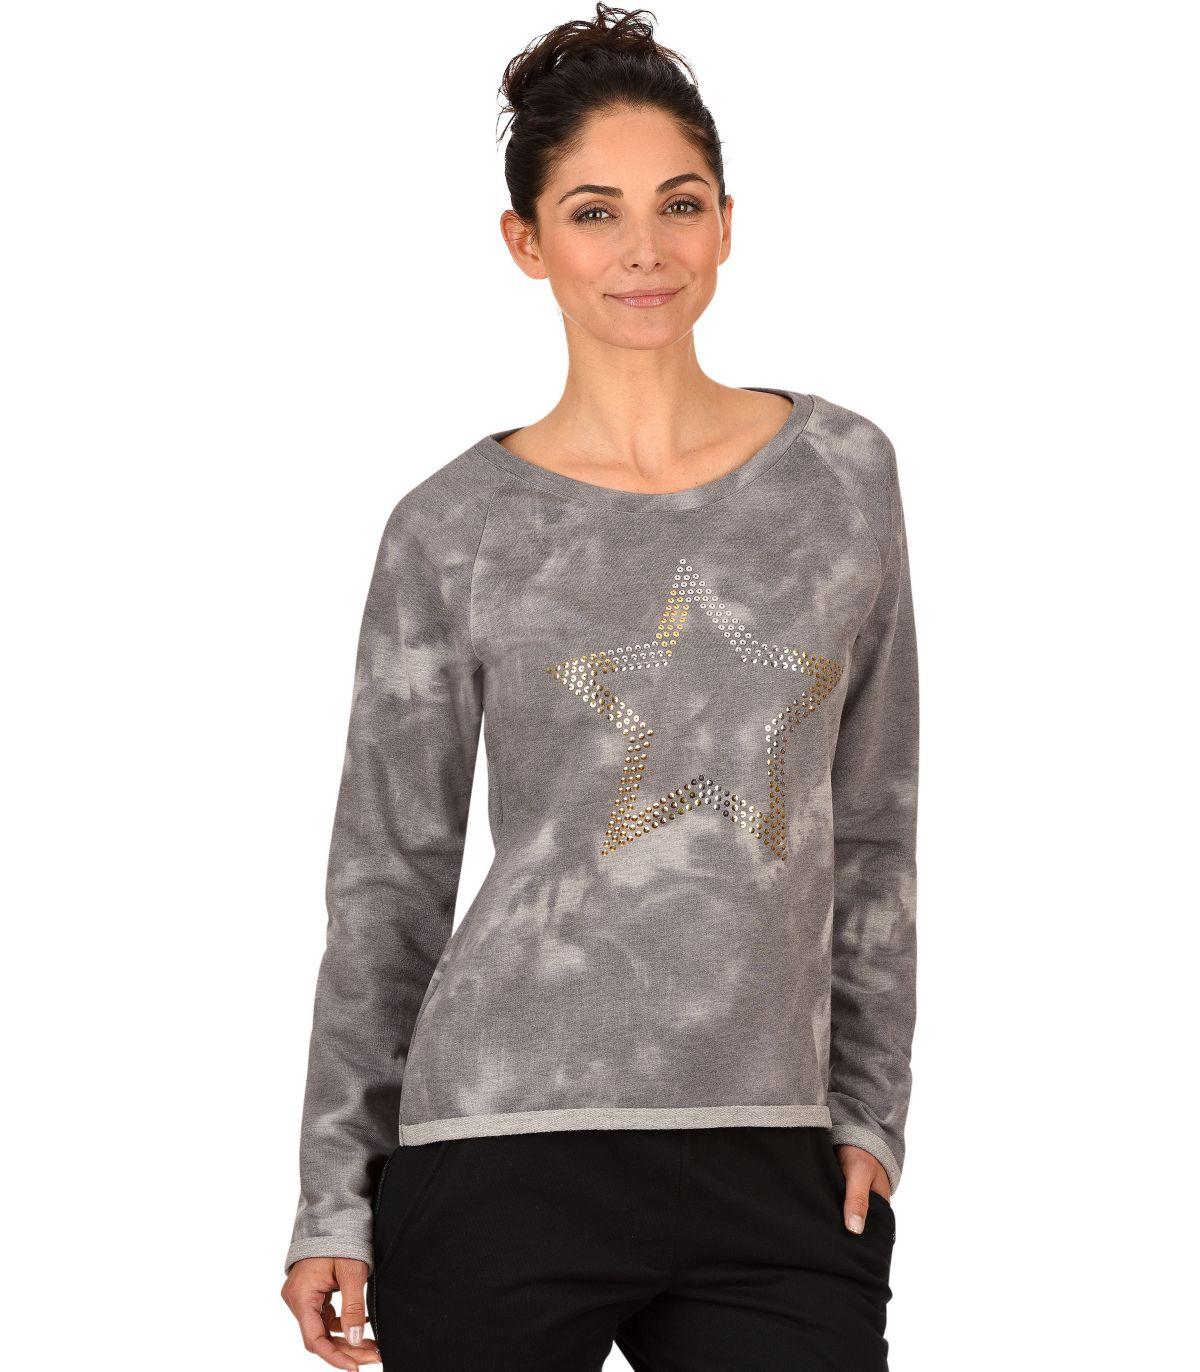 TRIGEMA Sweater mit Stern